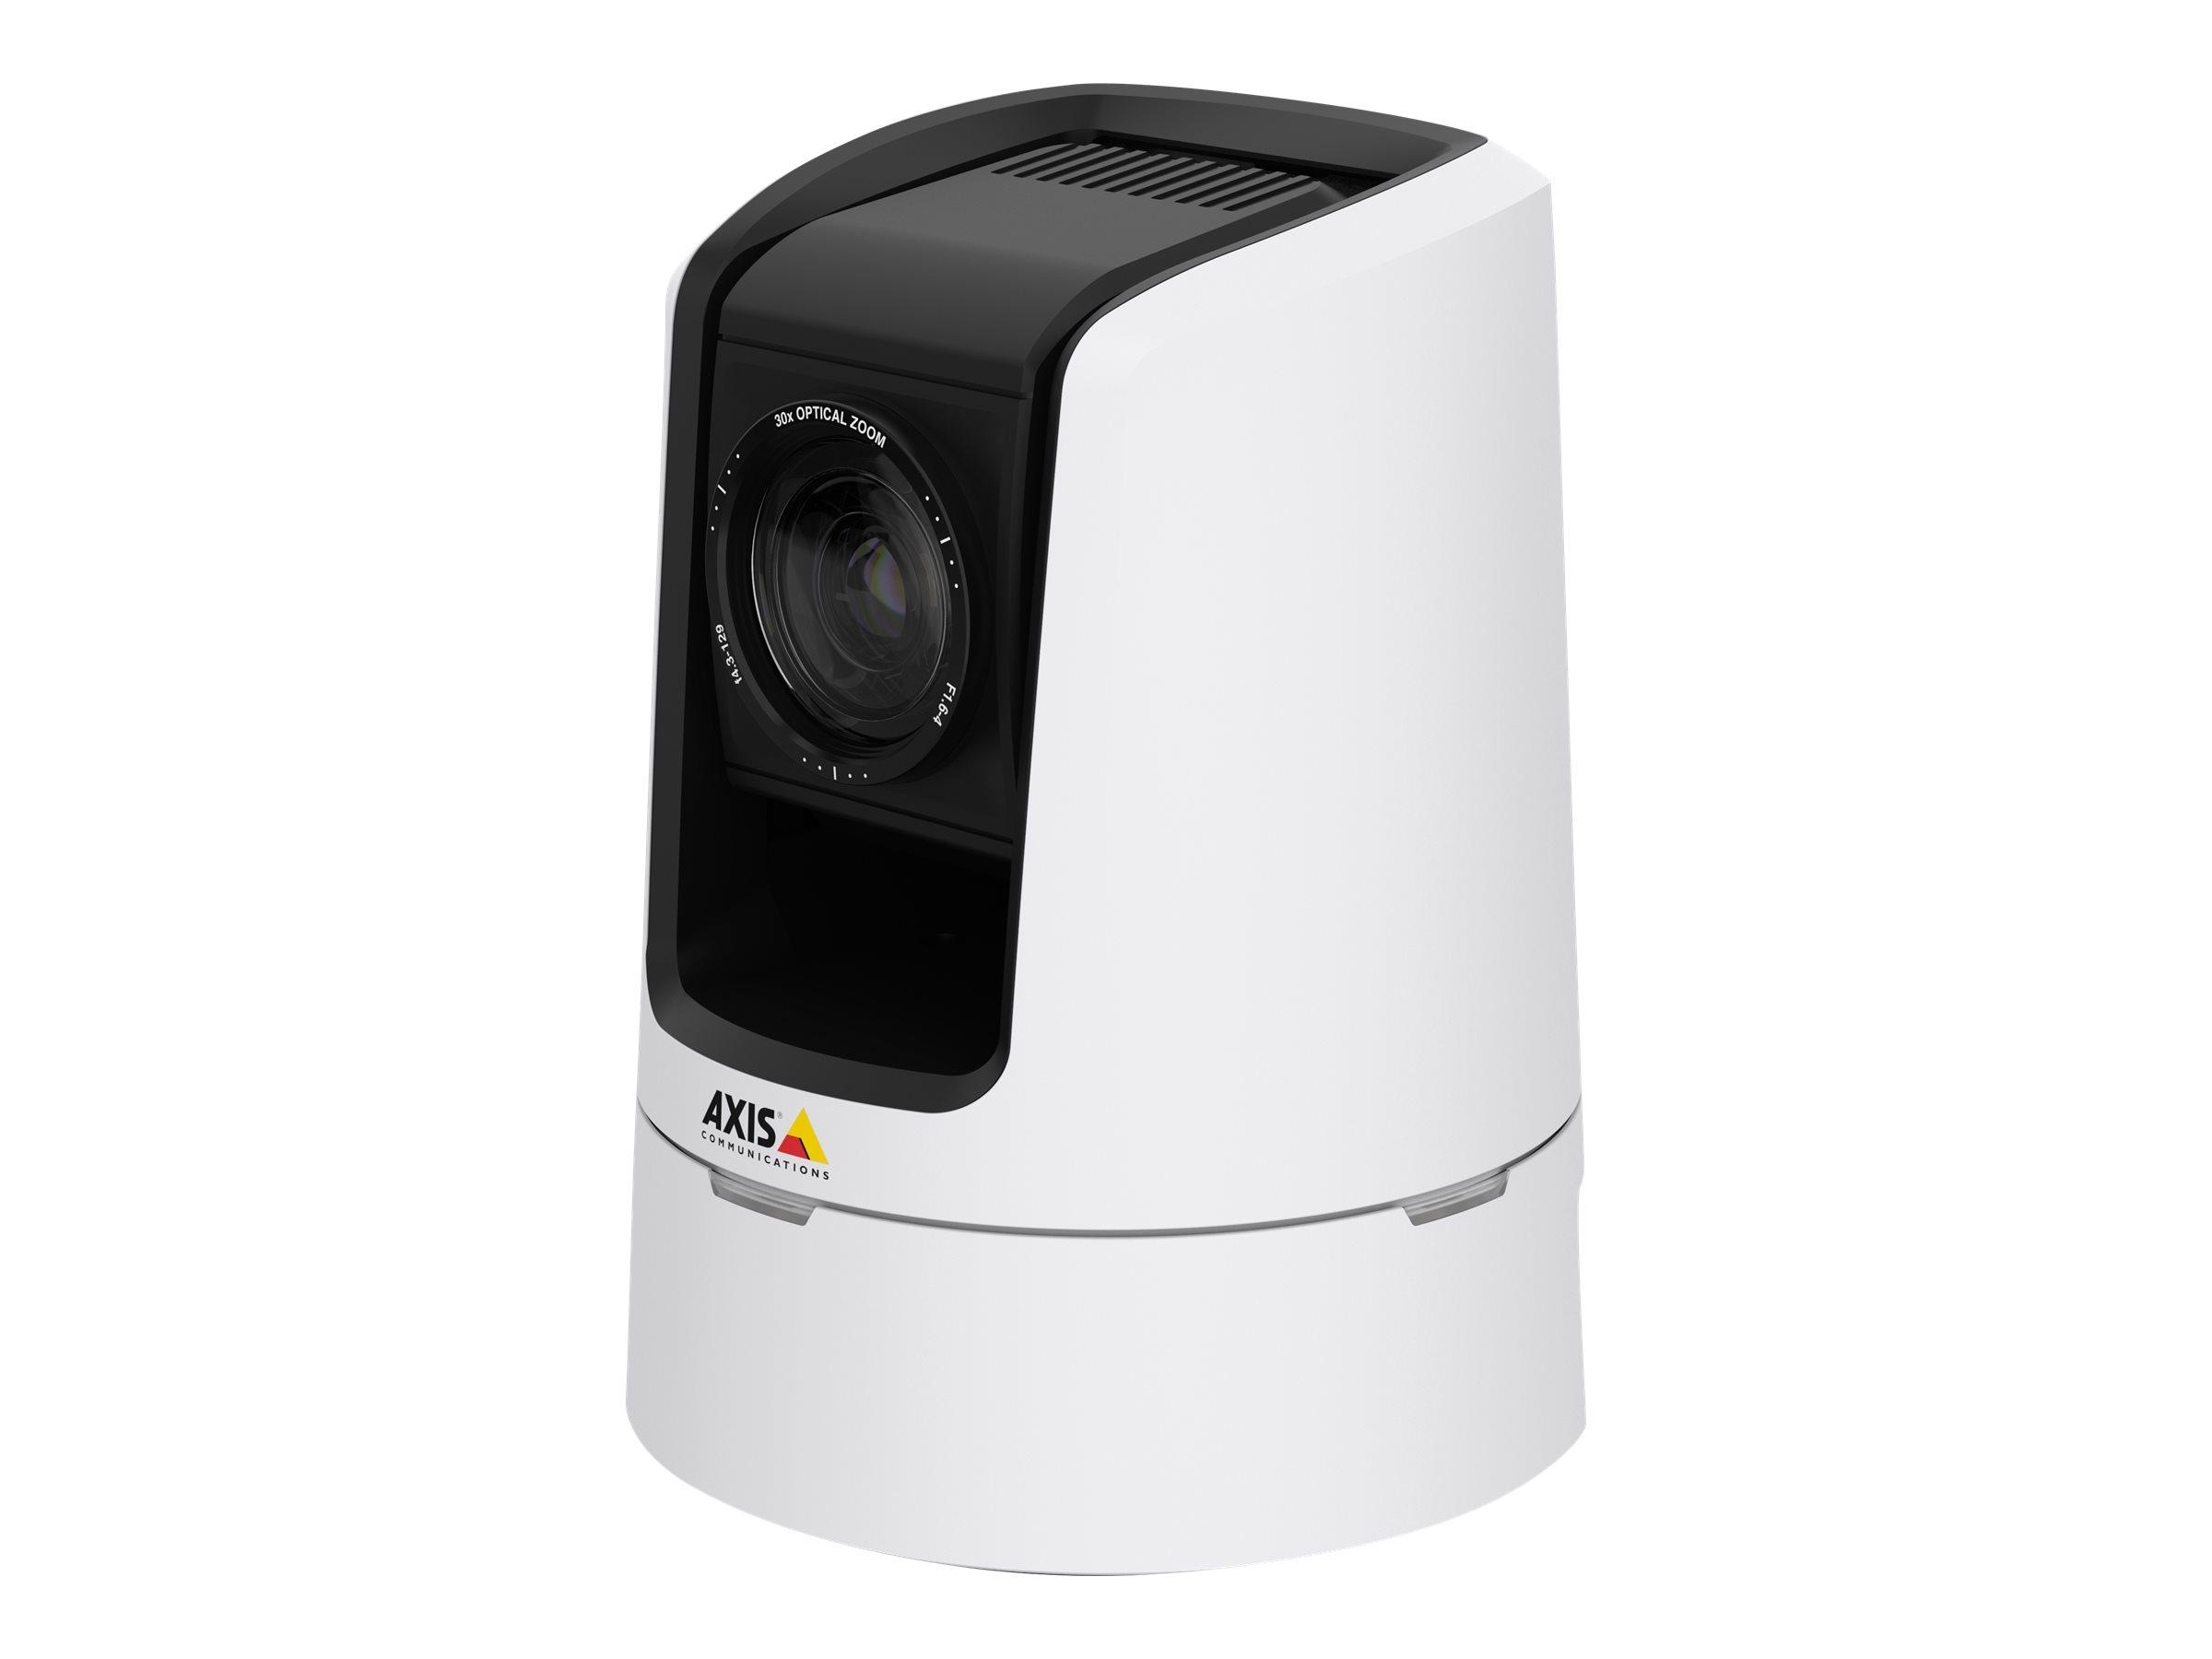 AXIS V5915 PTZ Network Camera 50Hz - Netzwerk-Überwachungskamera - PTZ - Farbe - 1920 x 1080 - 1080p